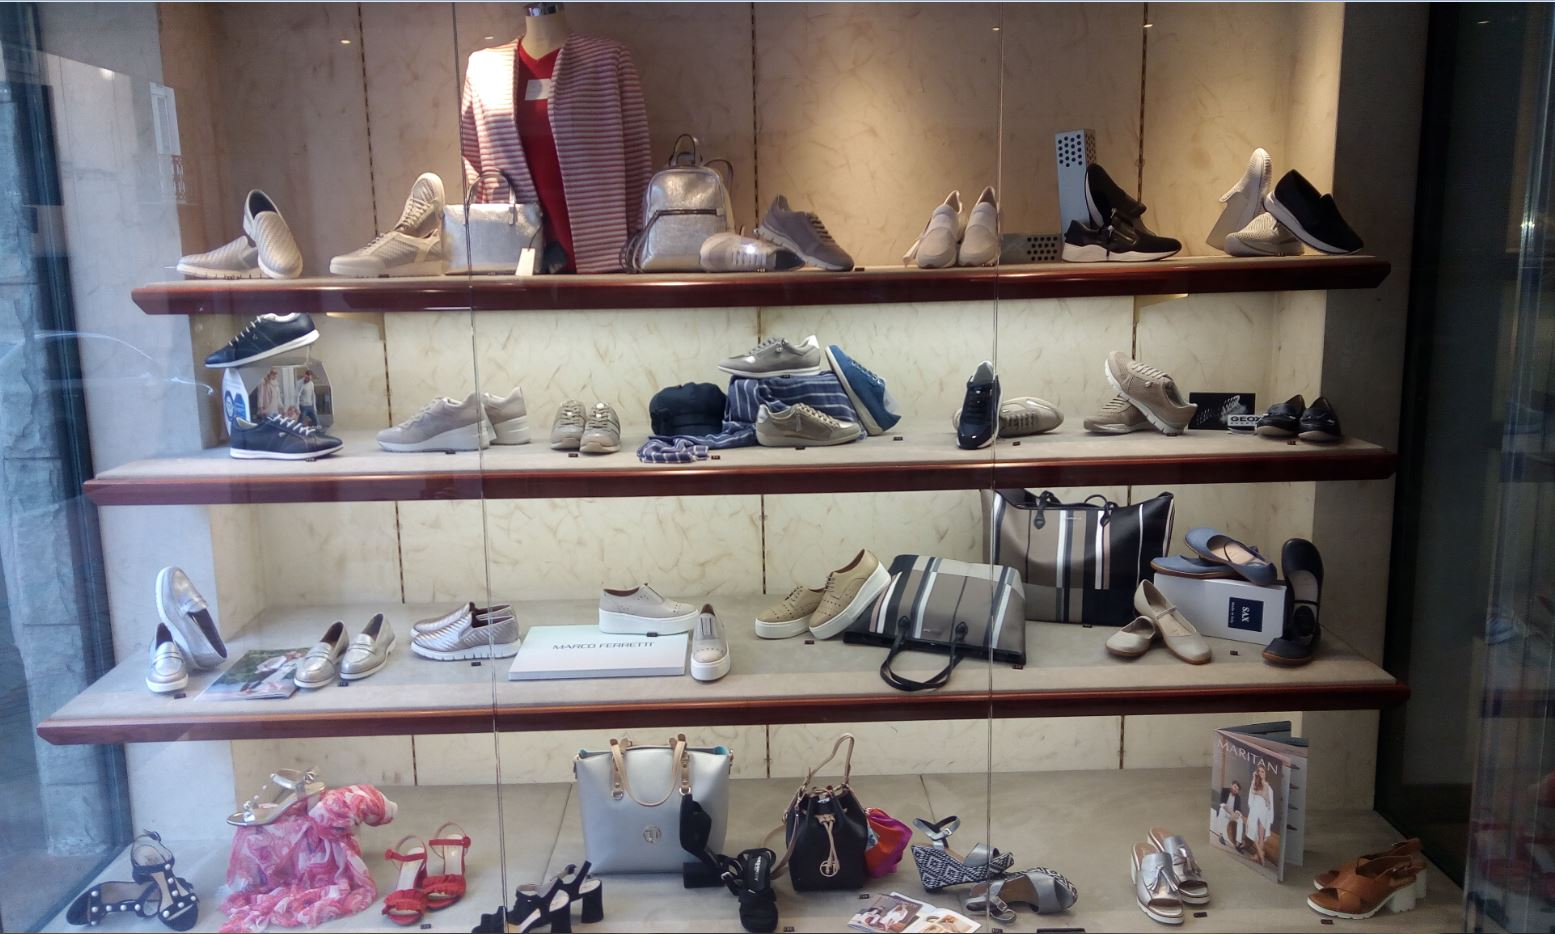 Vendita Calzature donna Imperia | vendita Scarpe donna Imperia | FRATELLI PASTORE Imperia